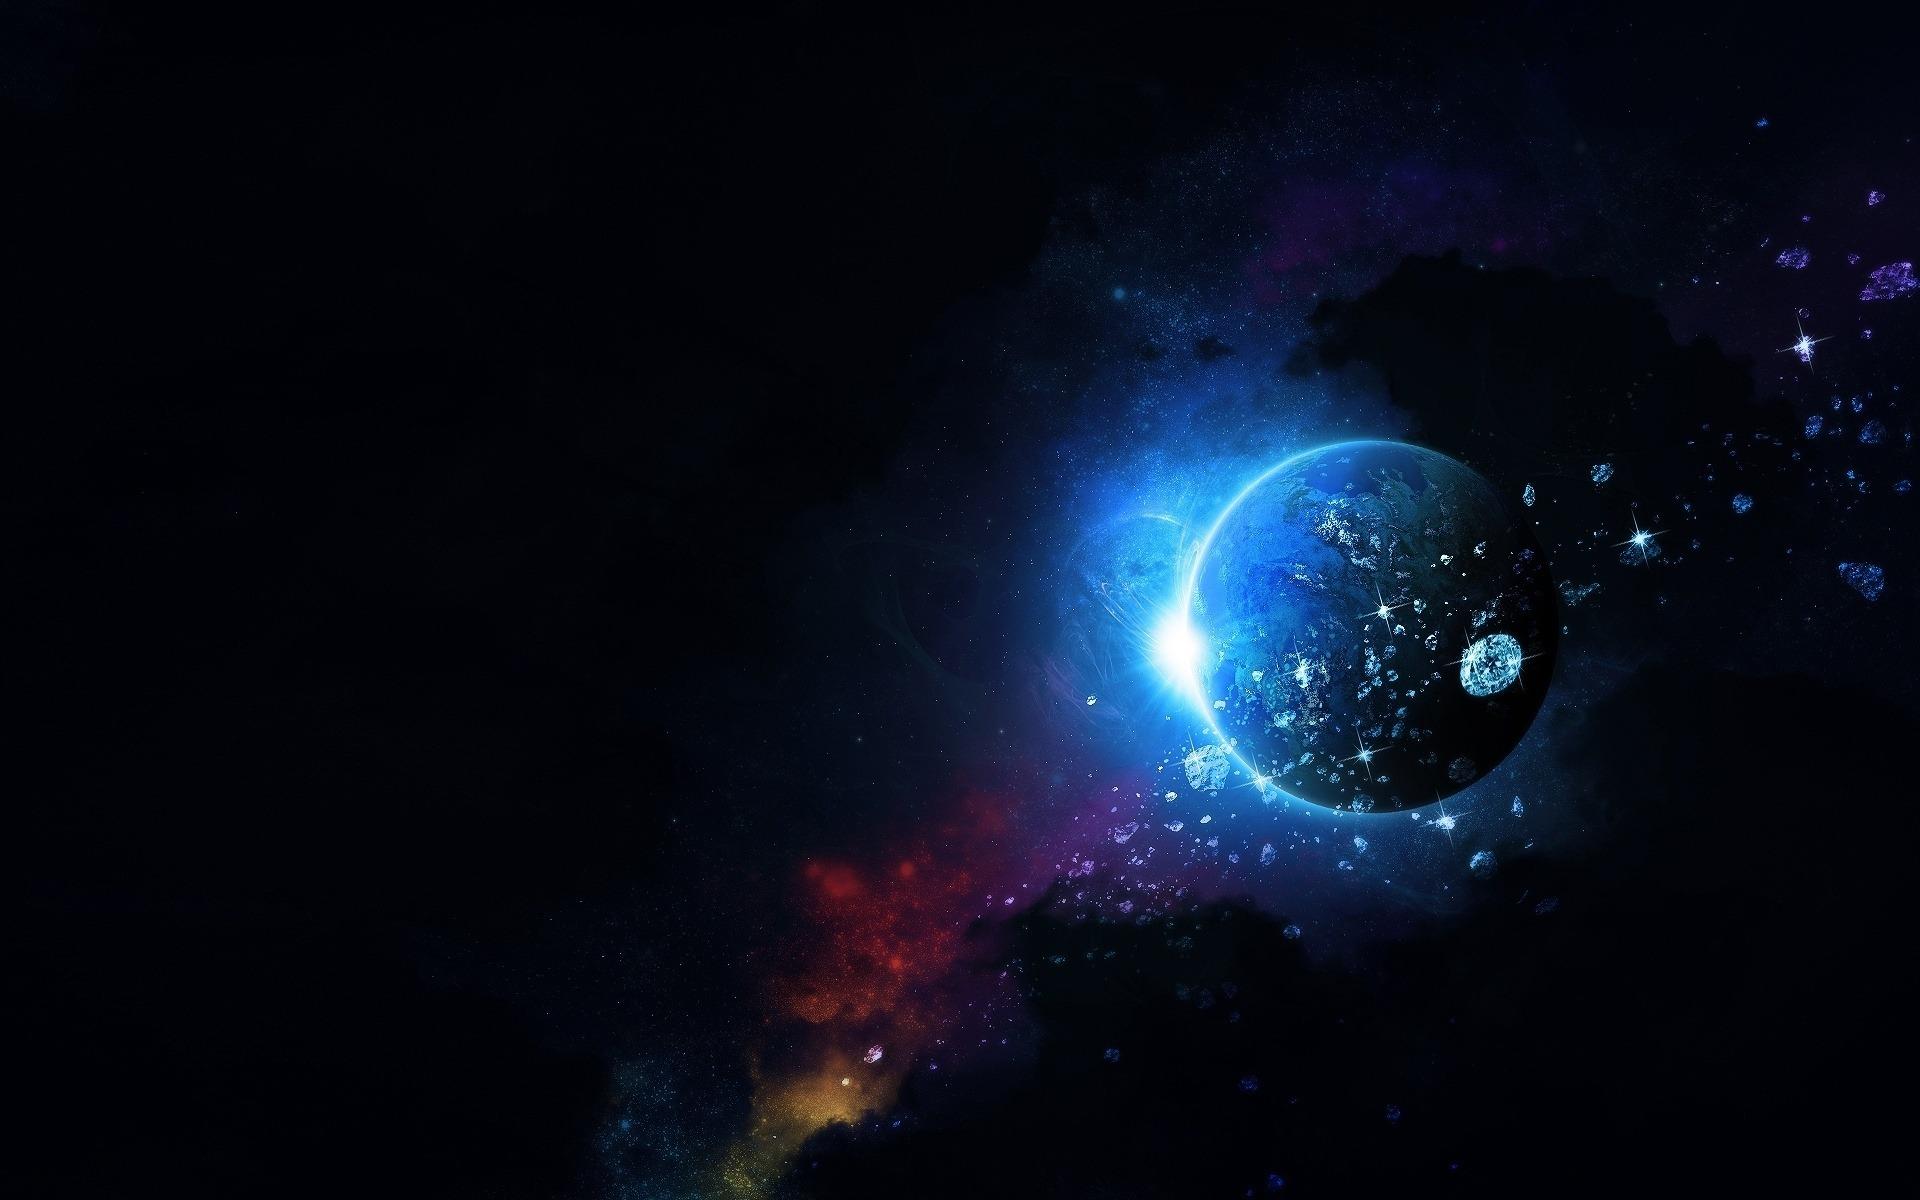 Обои космос открытый и планета обои